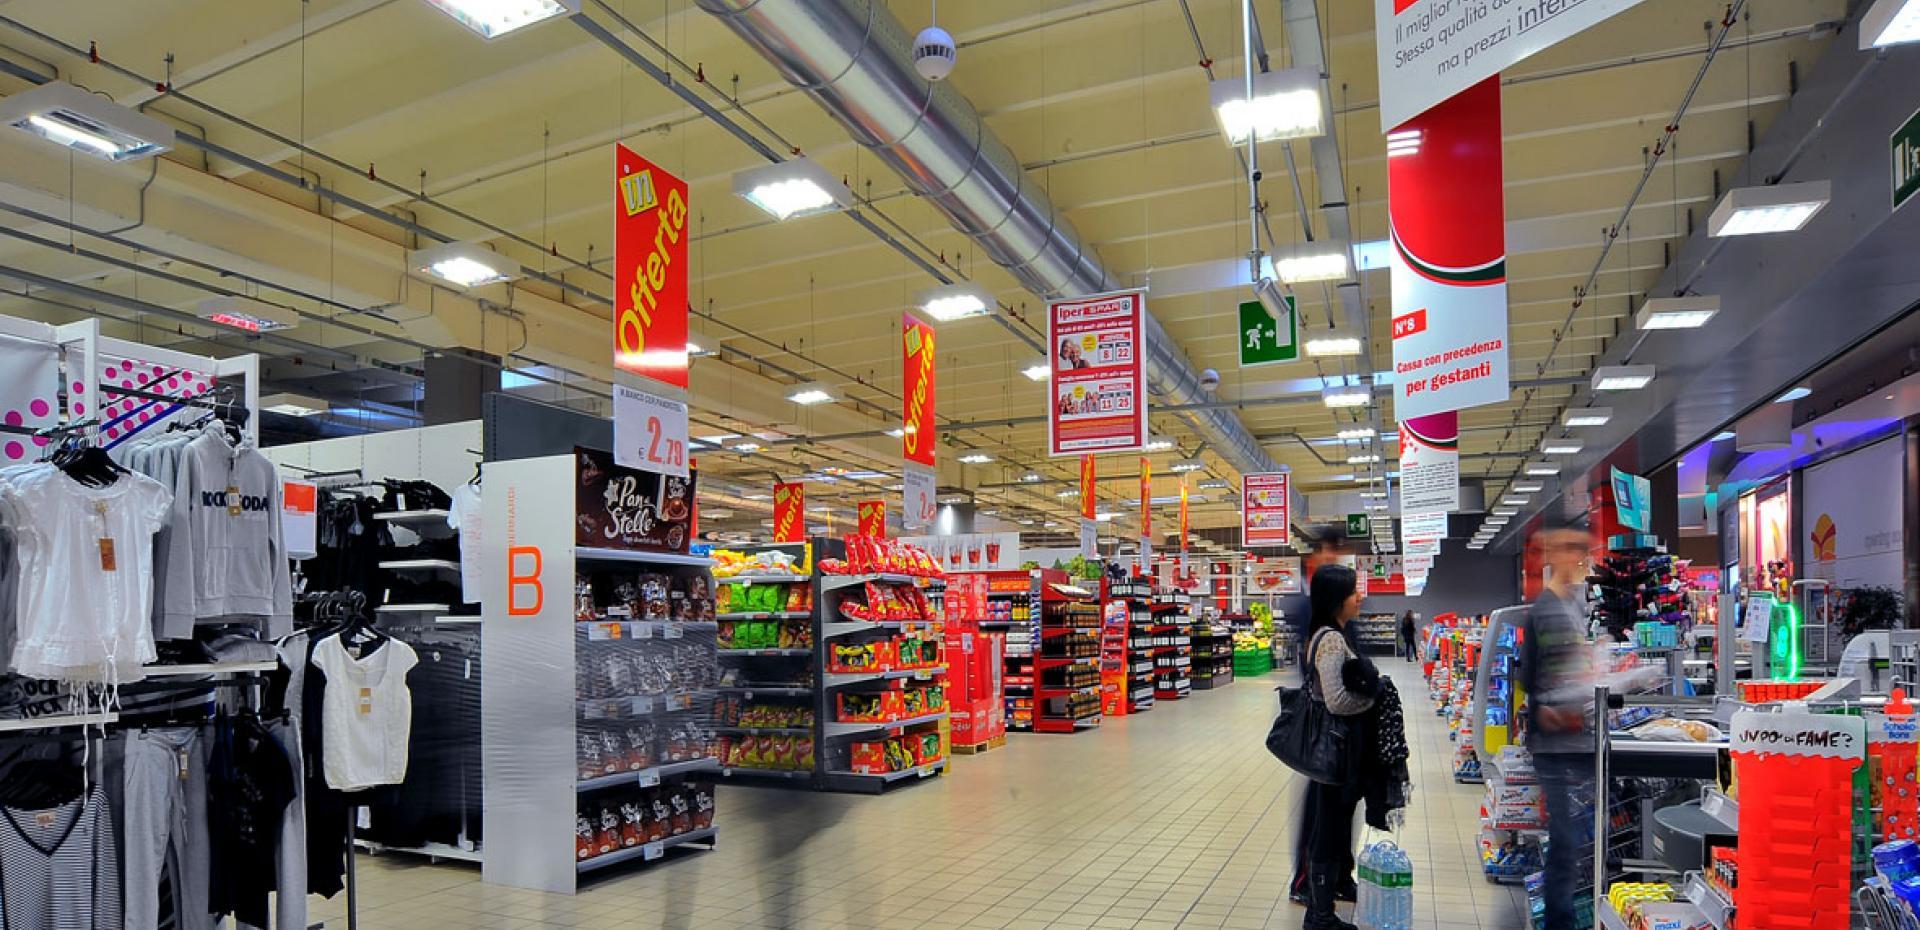 Centro Commerciale Centro Sicilia di Catania.